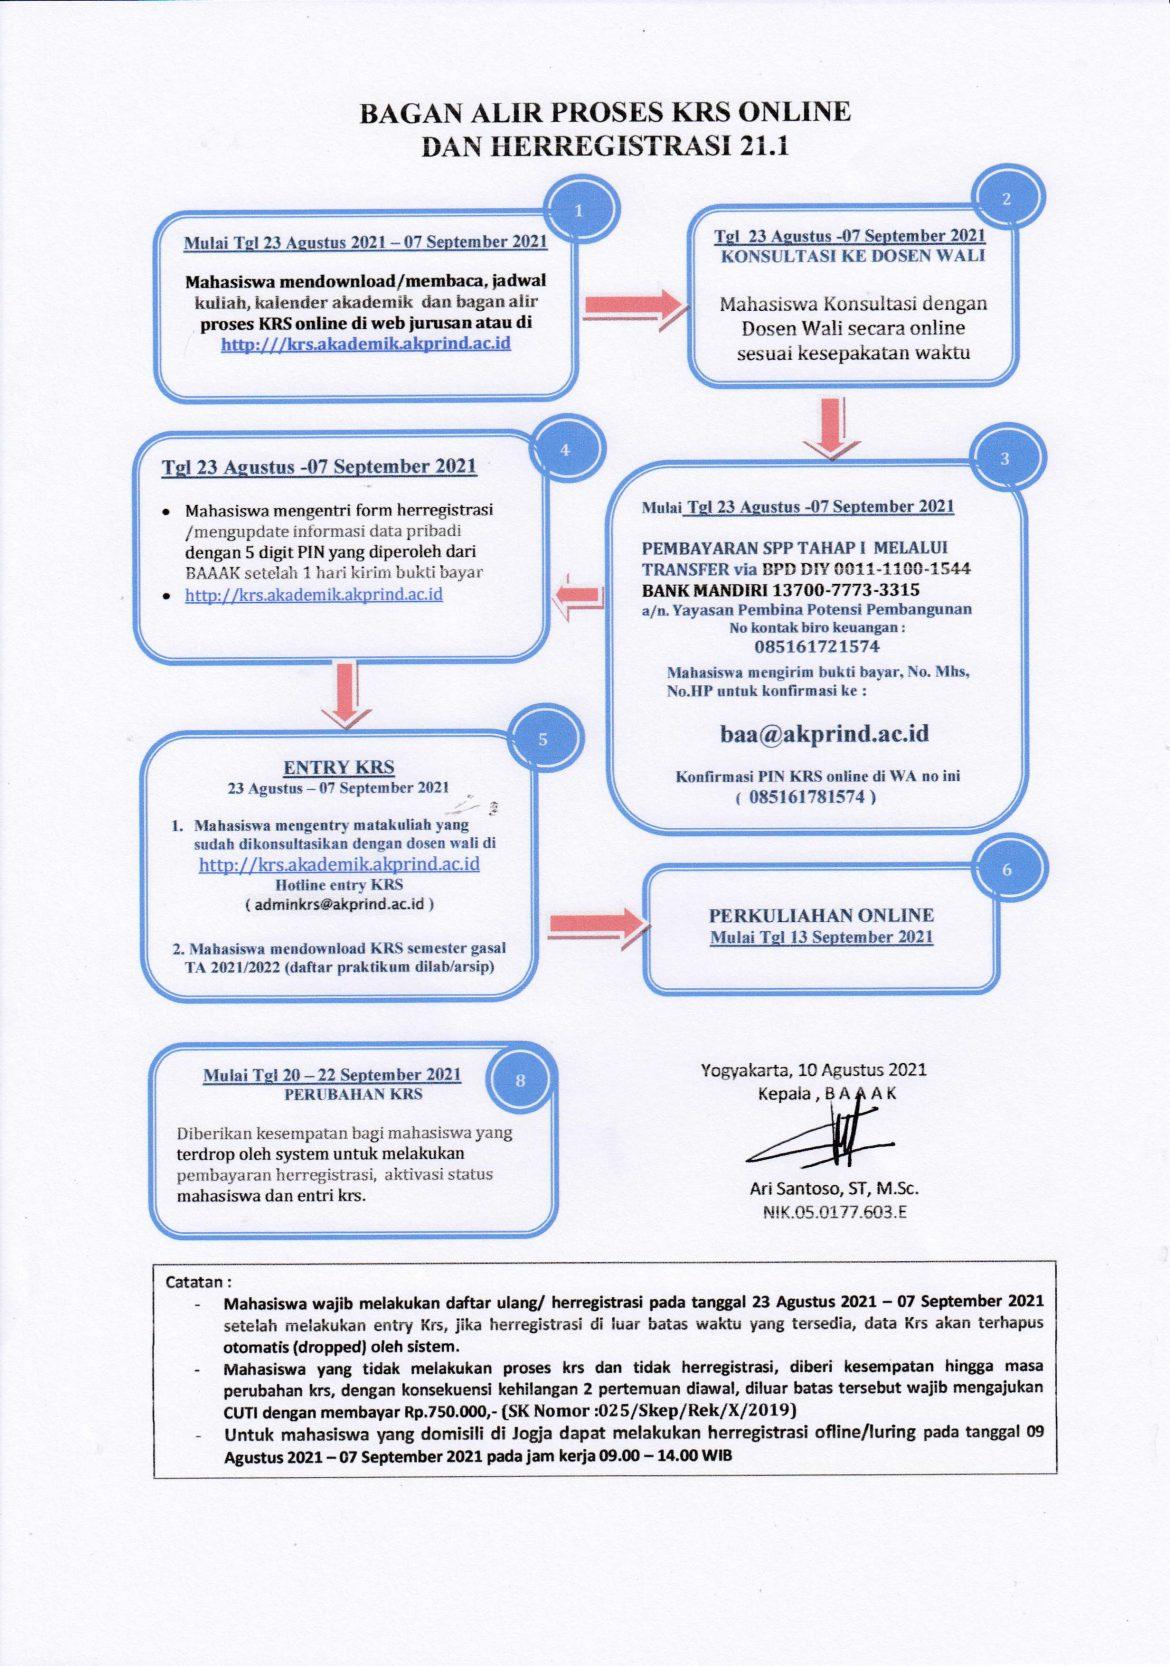 Bagan Alir Proses KRS Online Dan Herregistrasi 21.1